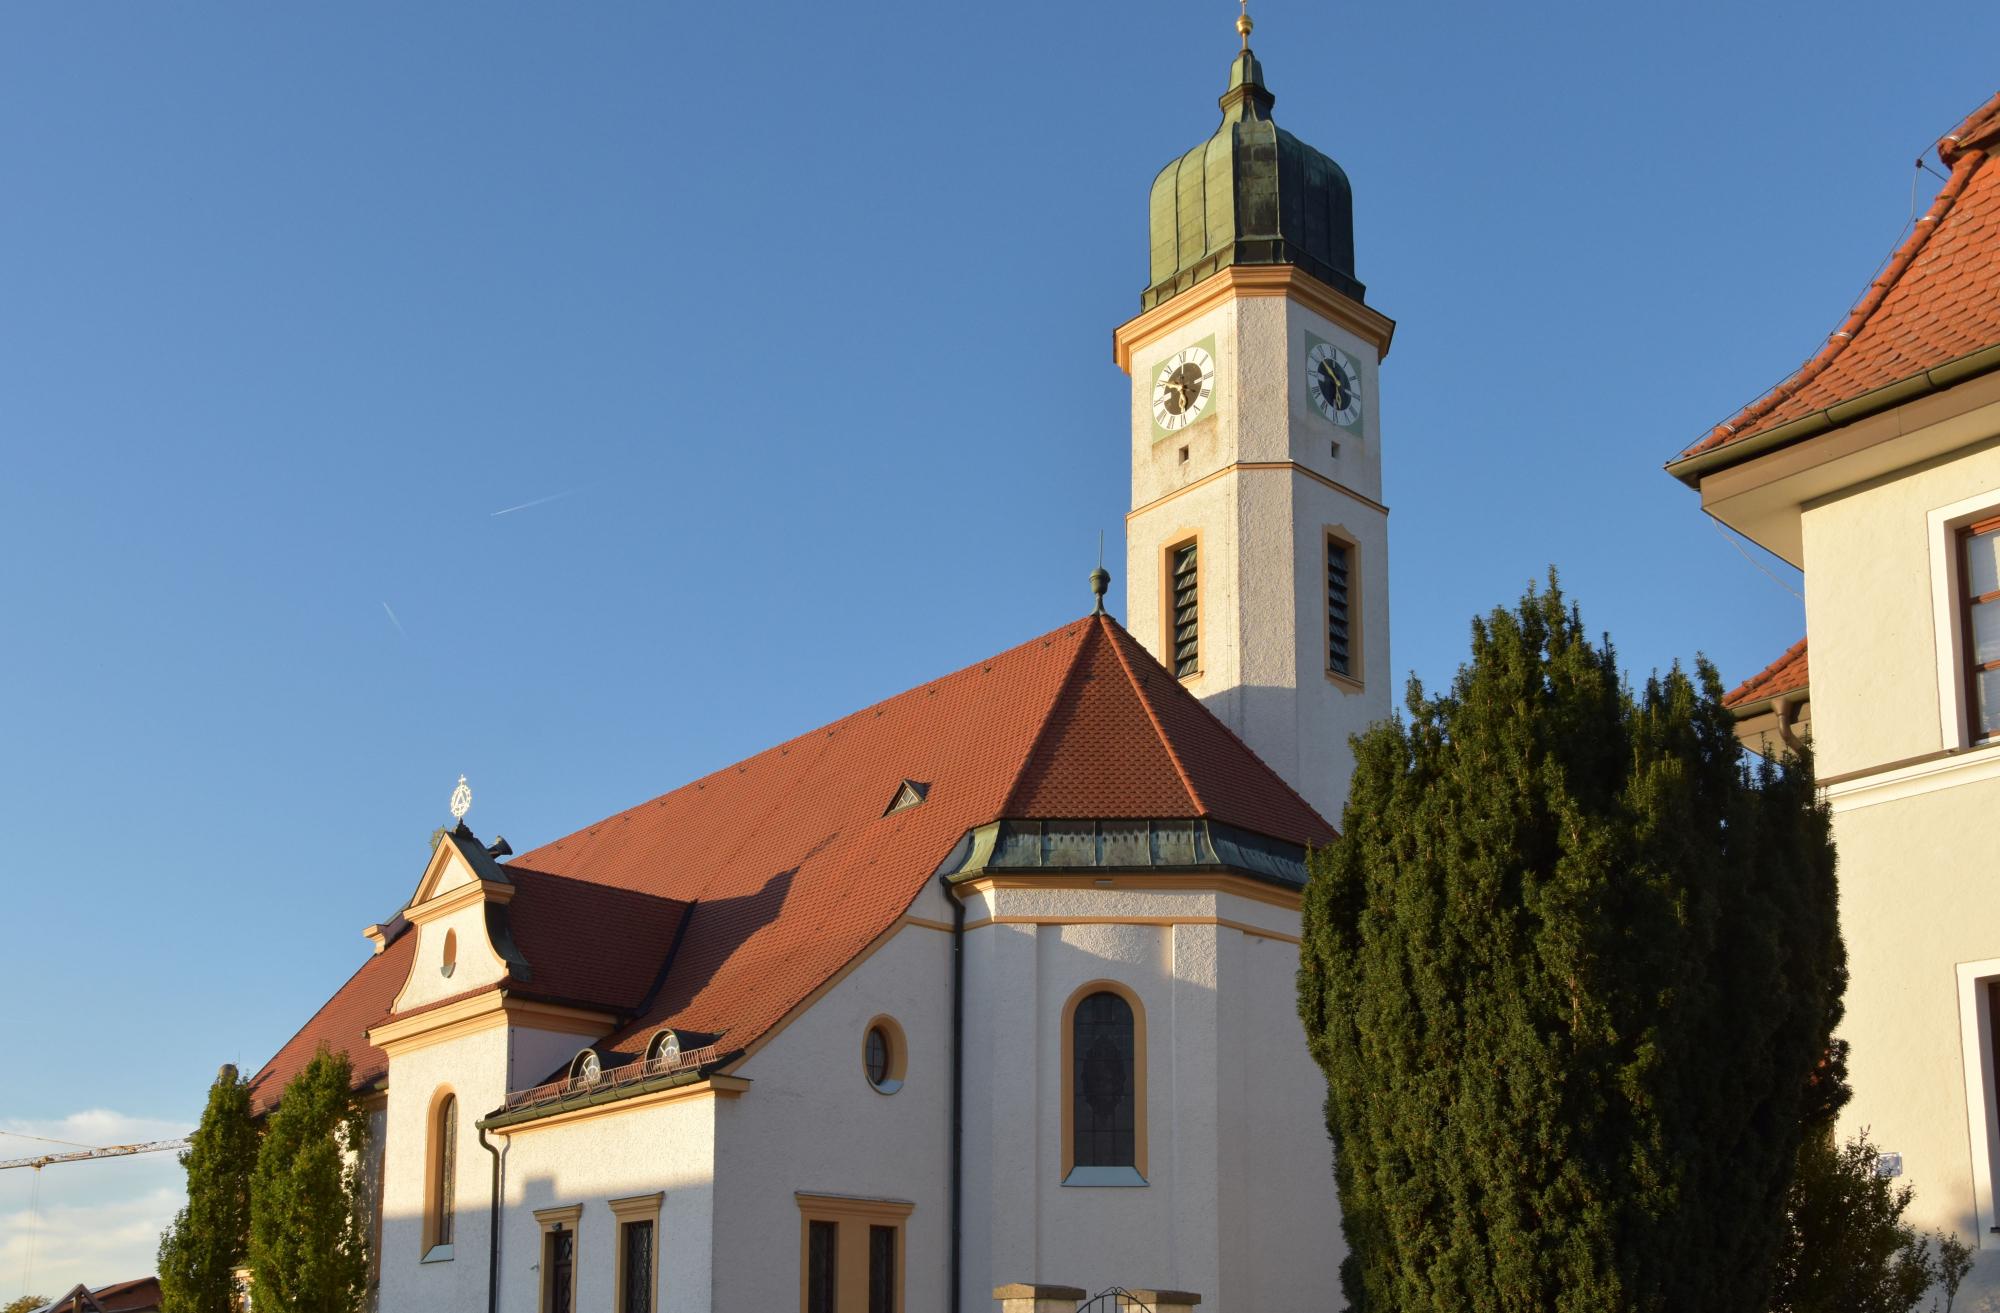 Ulbering Kirche außen